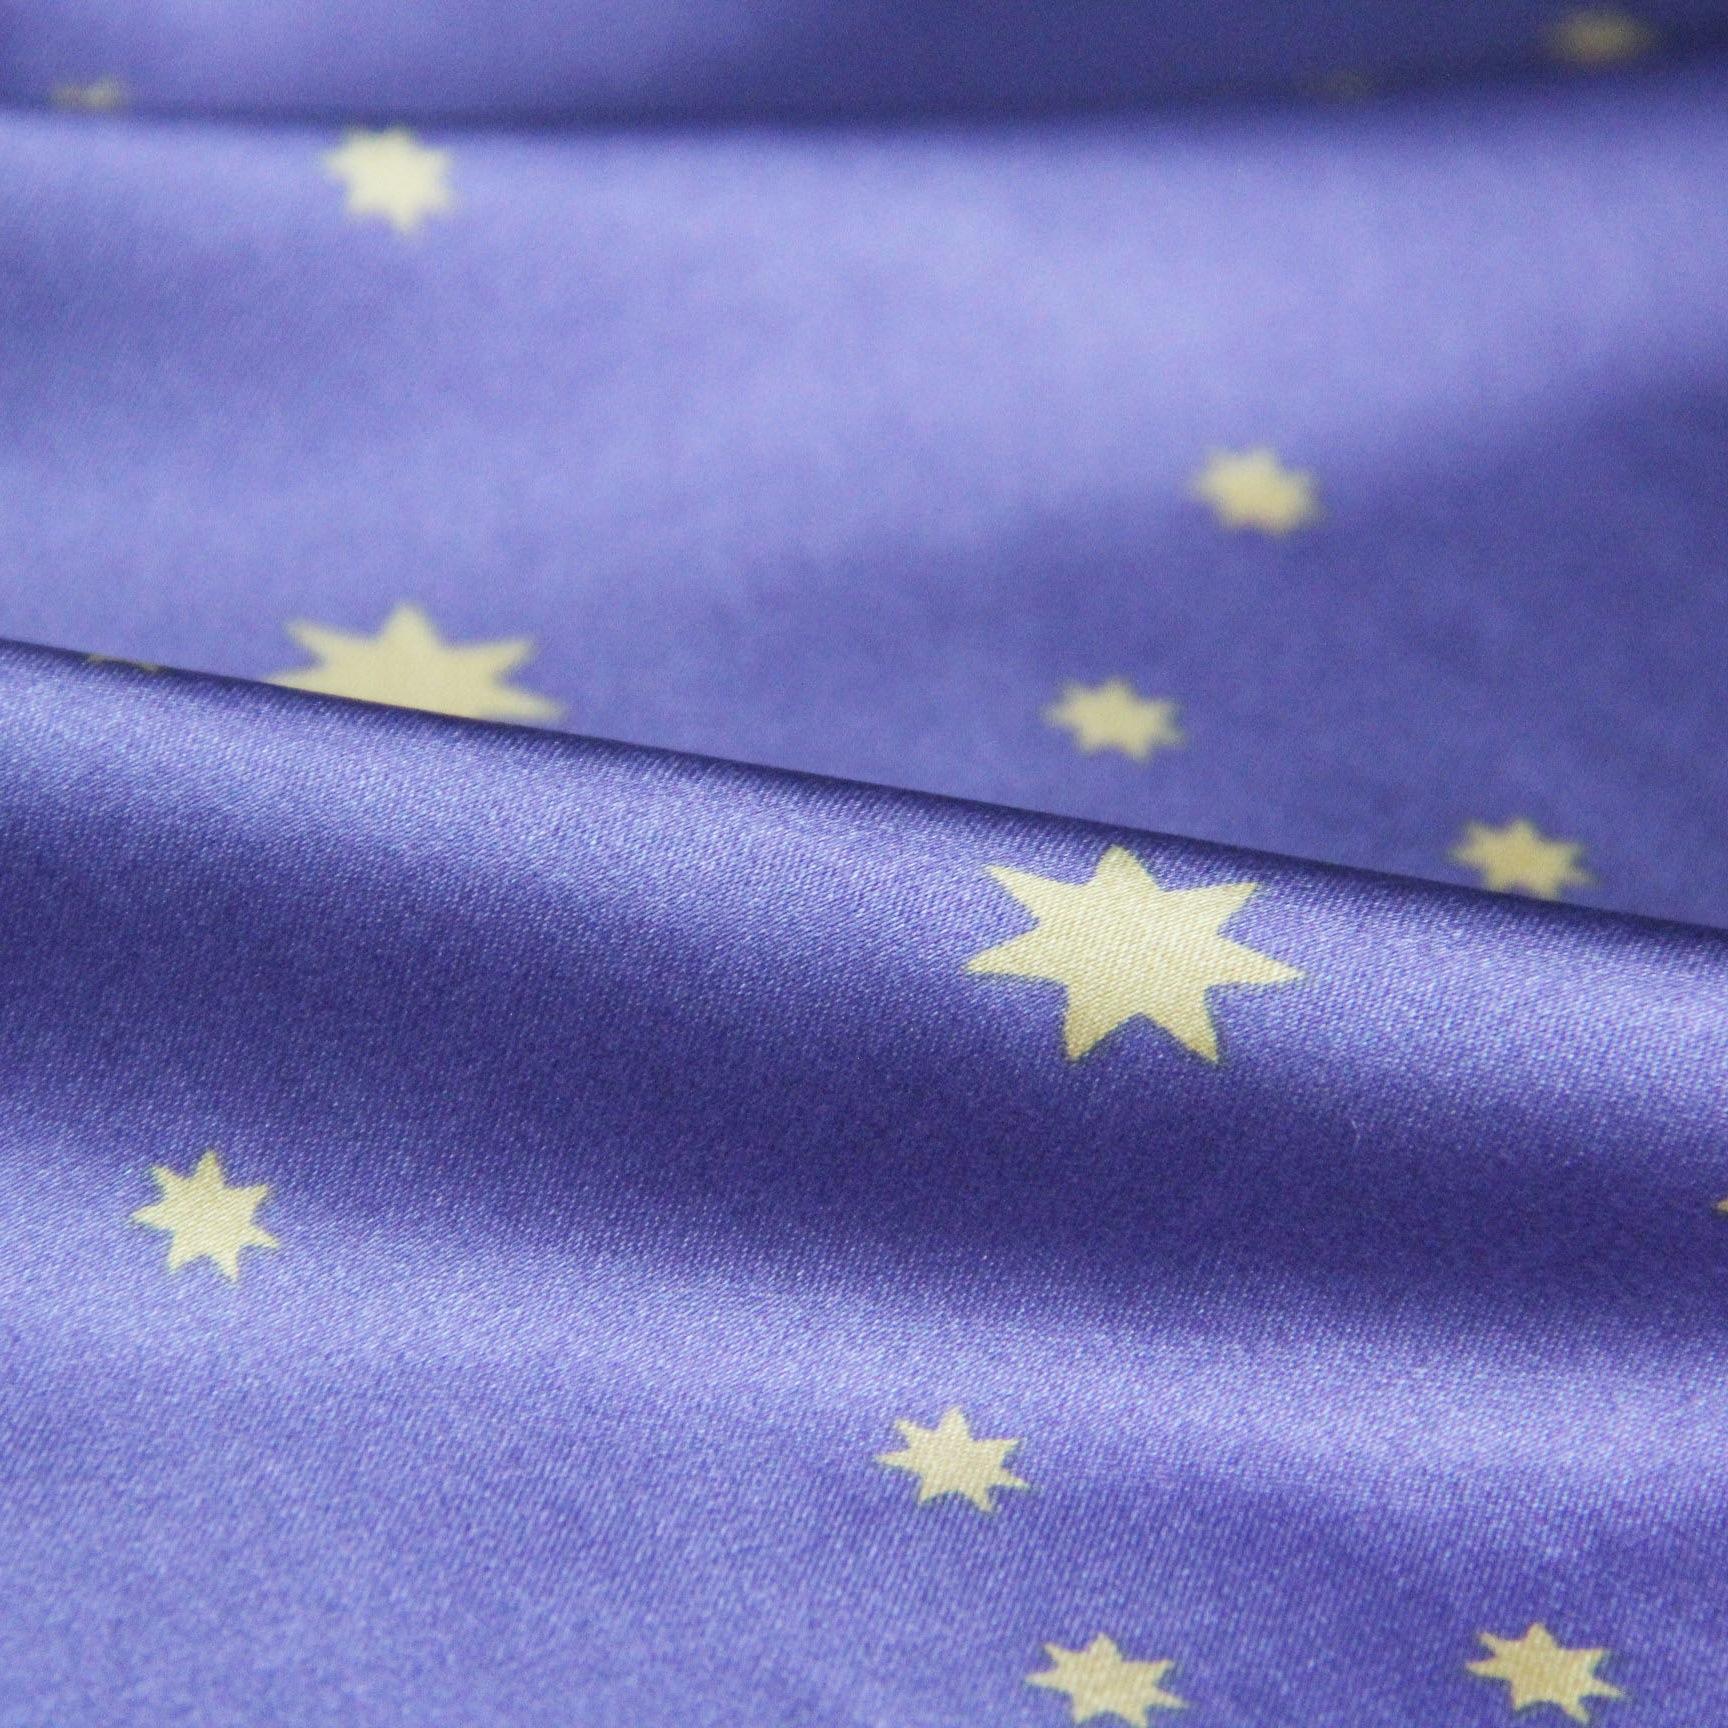 涤氨弹力星星印花色丁布 单面数码印花面料时尚睡衣家居服面料